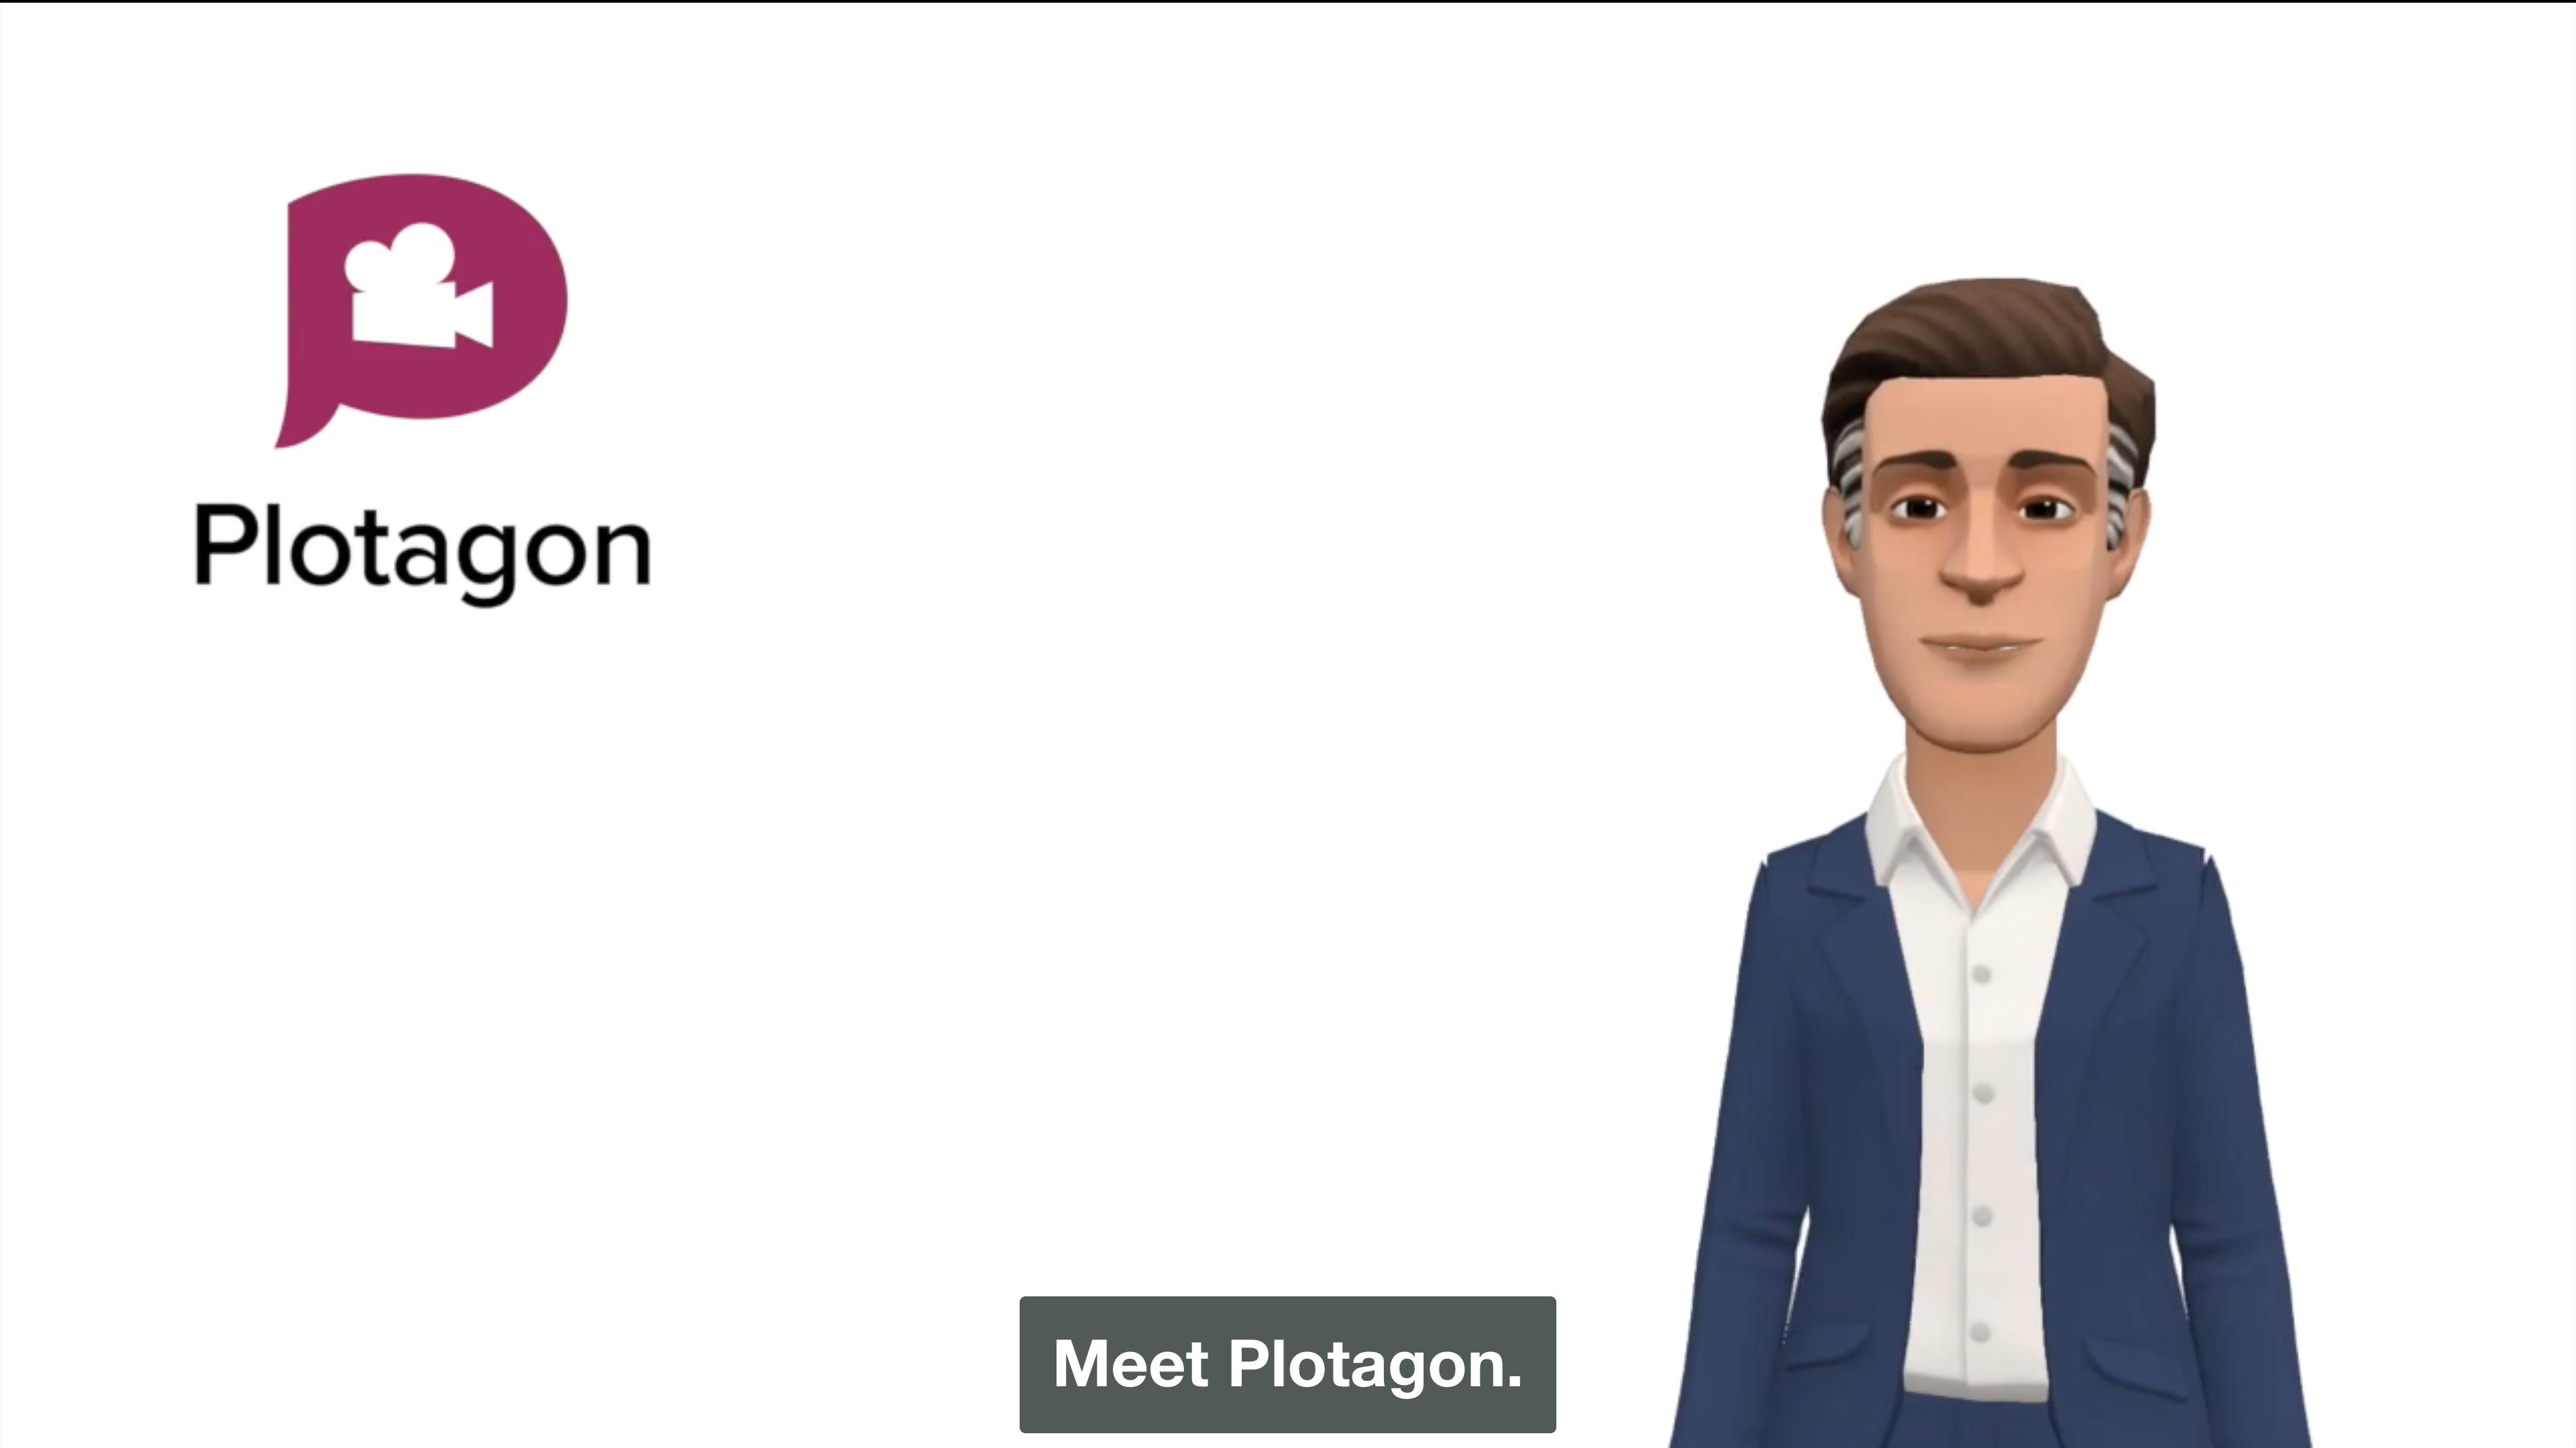 Best Plotagon